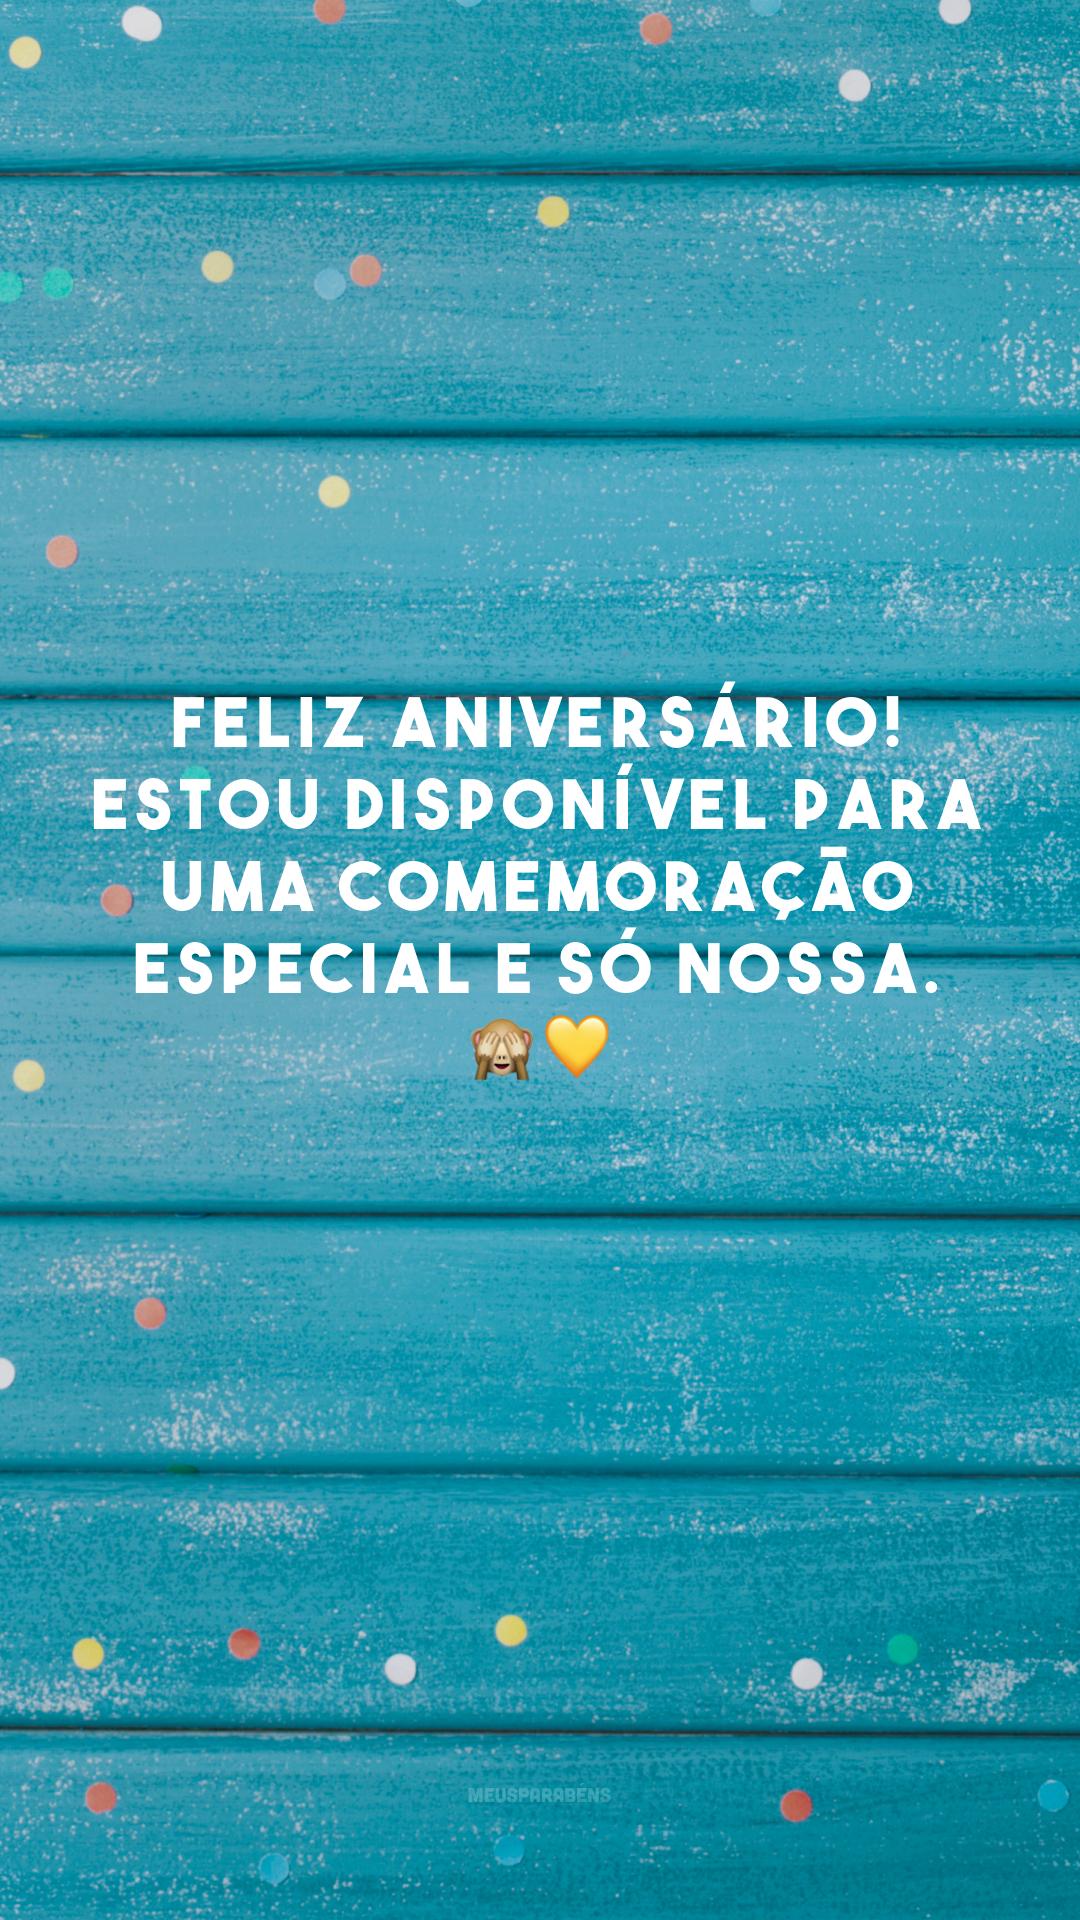 Feliz aniversário! Estou disponível para uma comemoração especial e só nossa. 🙈💛